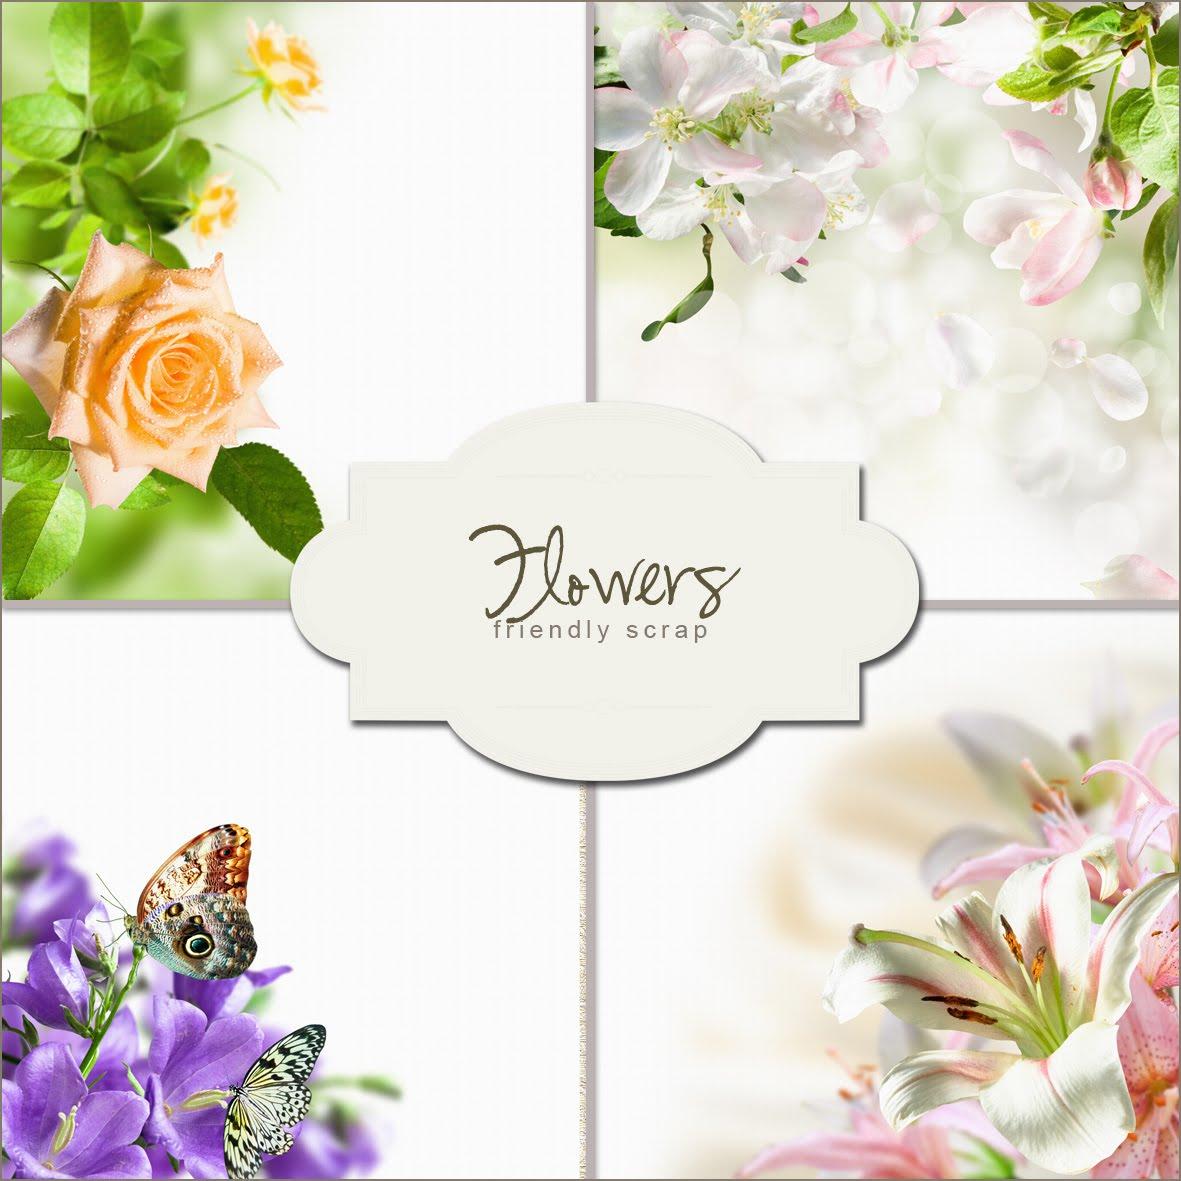 Fondos para tarjetas de 15 años con flores - Imagui